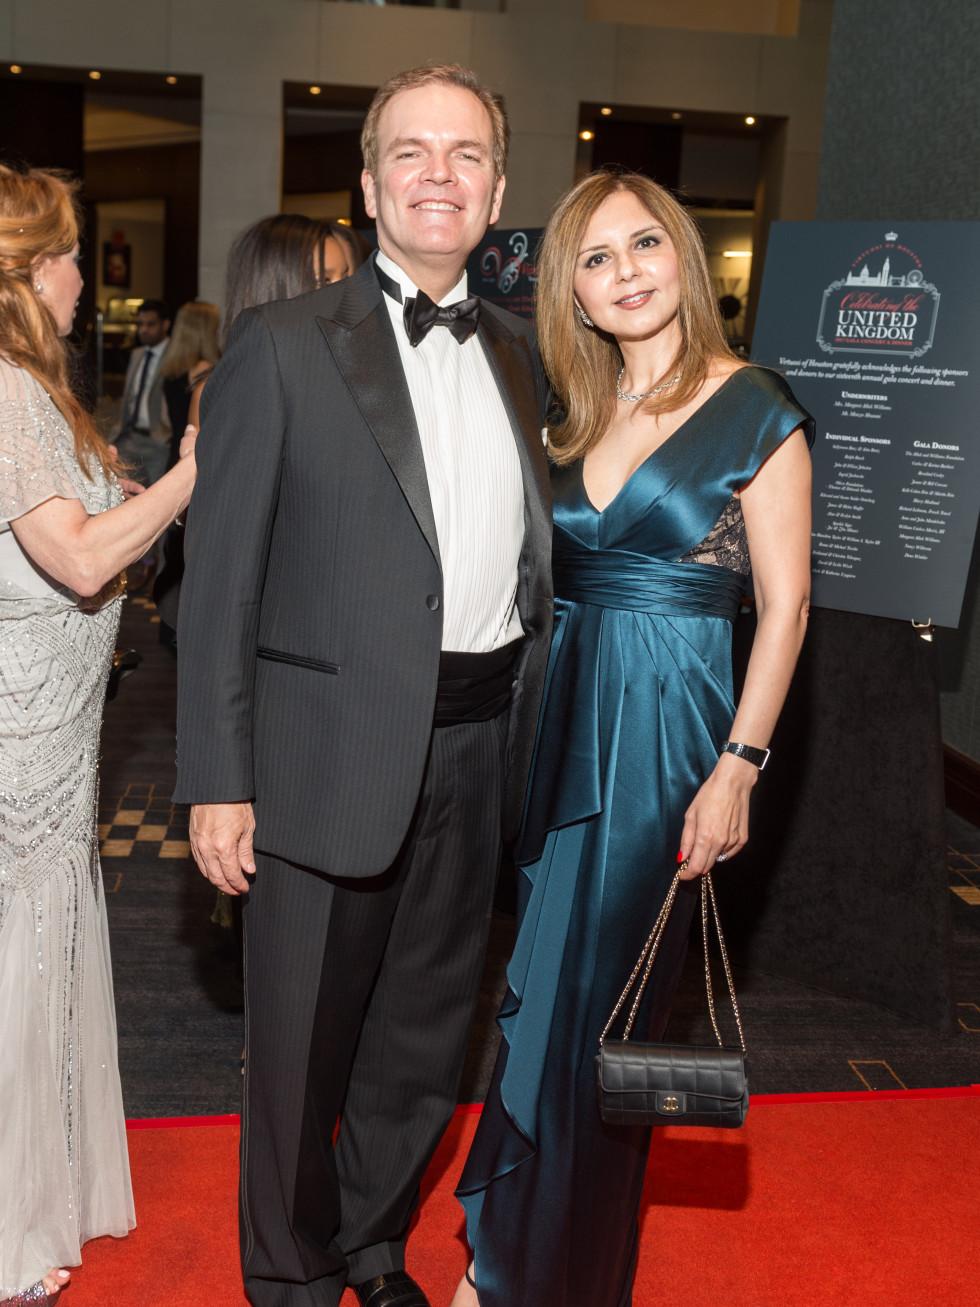 Virtuosi Gala, Dr. Alan Bentz, Sallymoon Benz